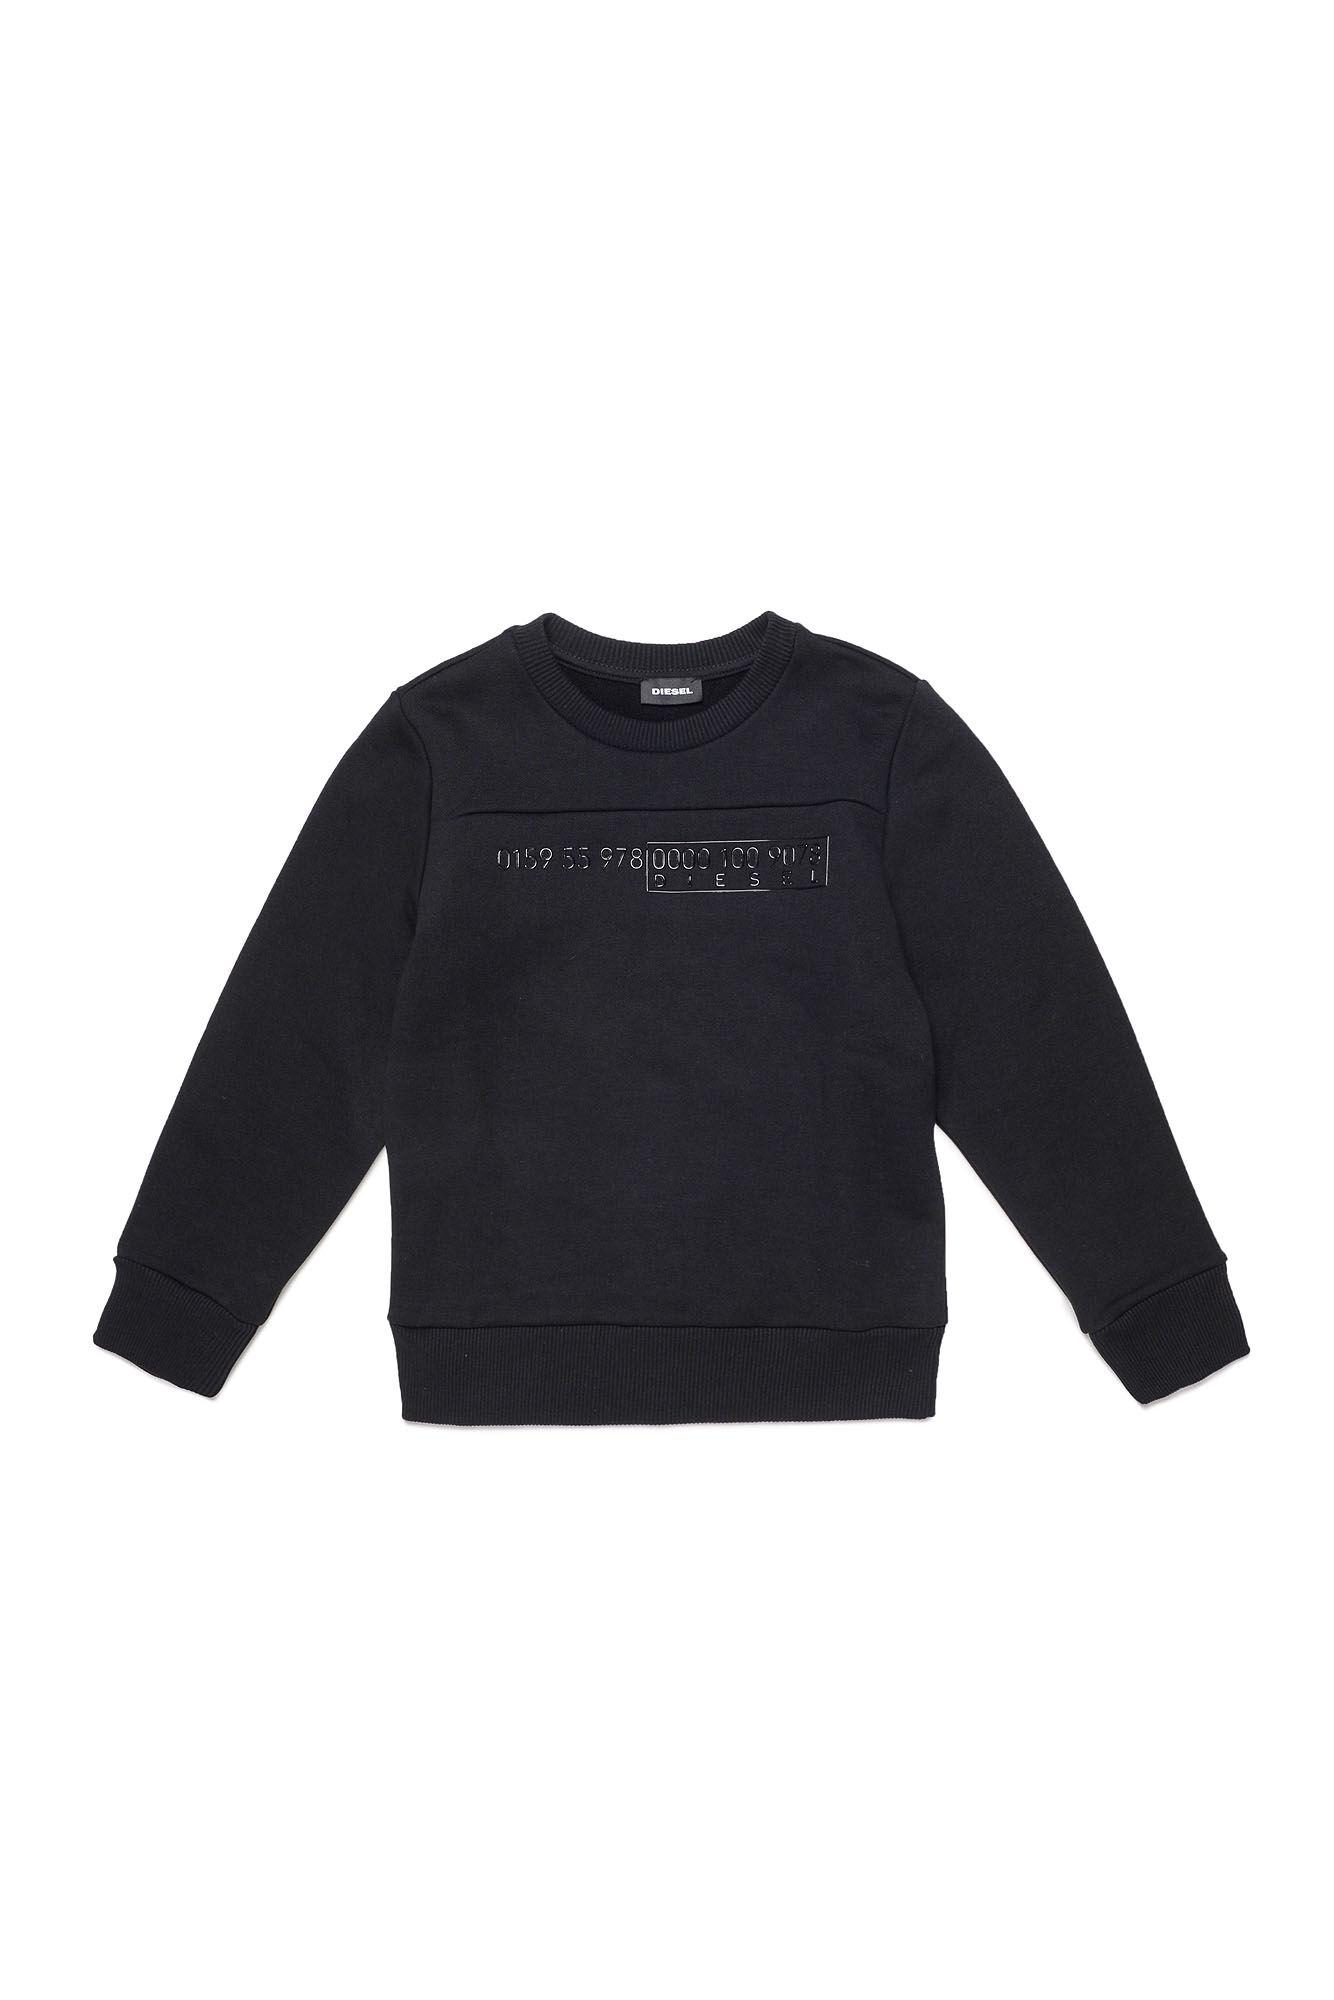 Scory Sweatshirt - Diesel Kid